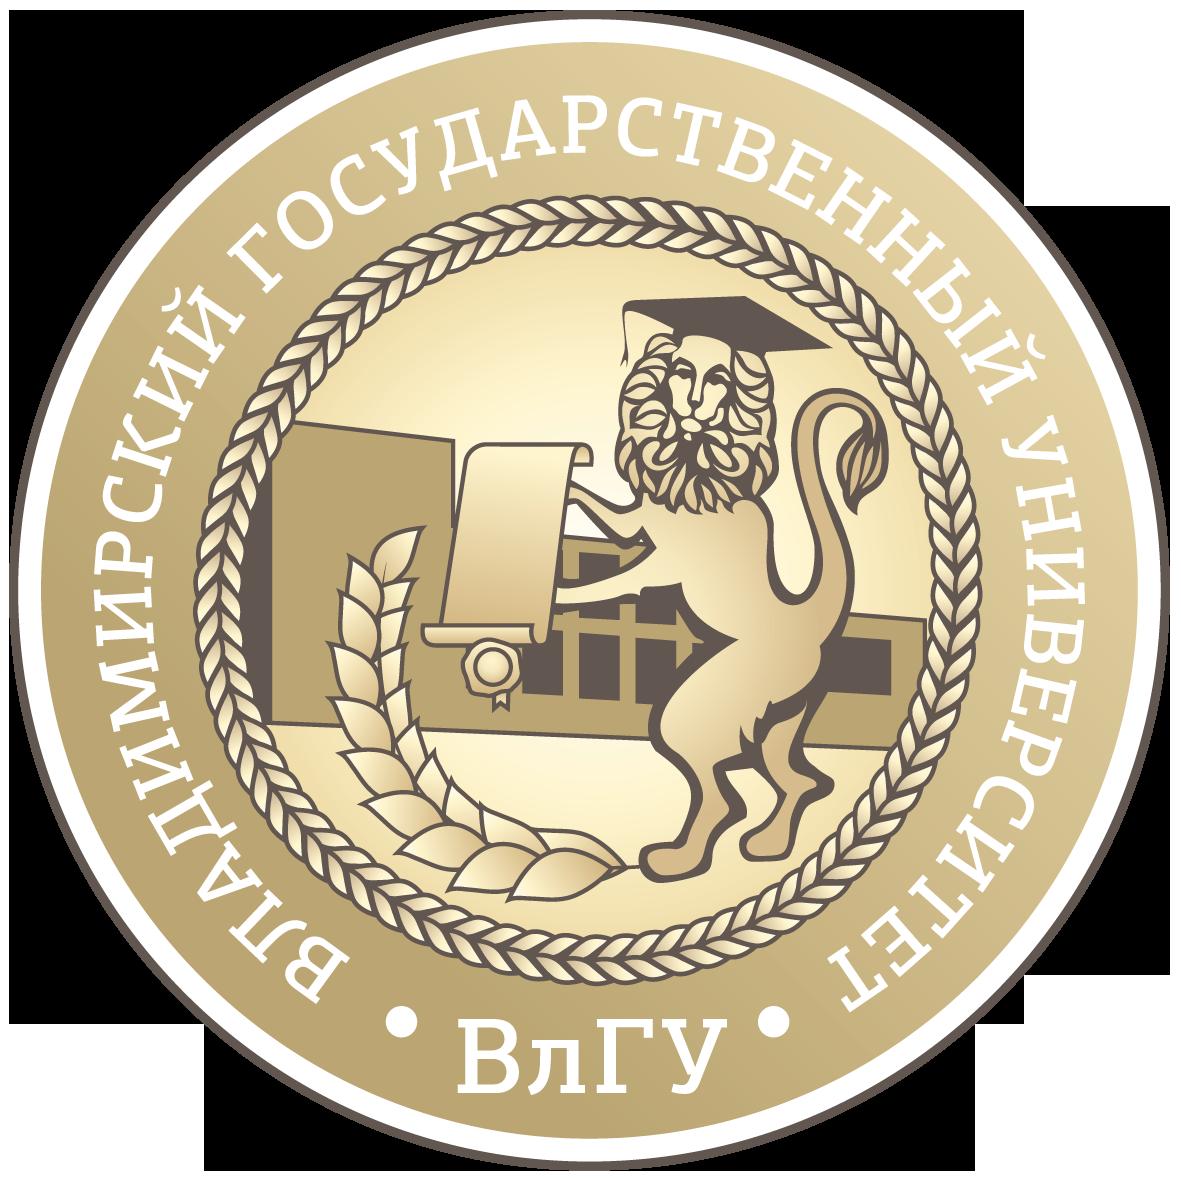 Владимирский государственный университет А.Г. и Н.Г. Столетовых